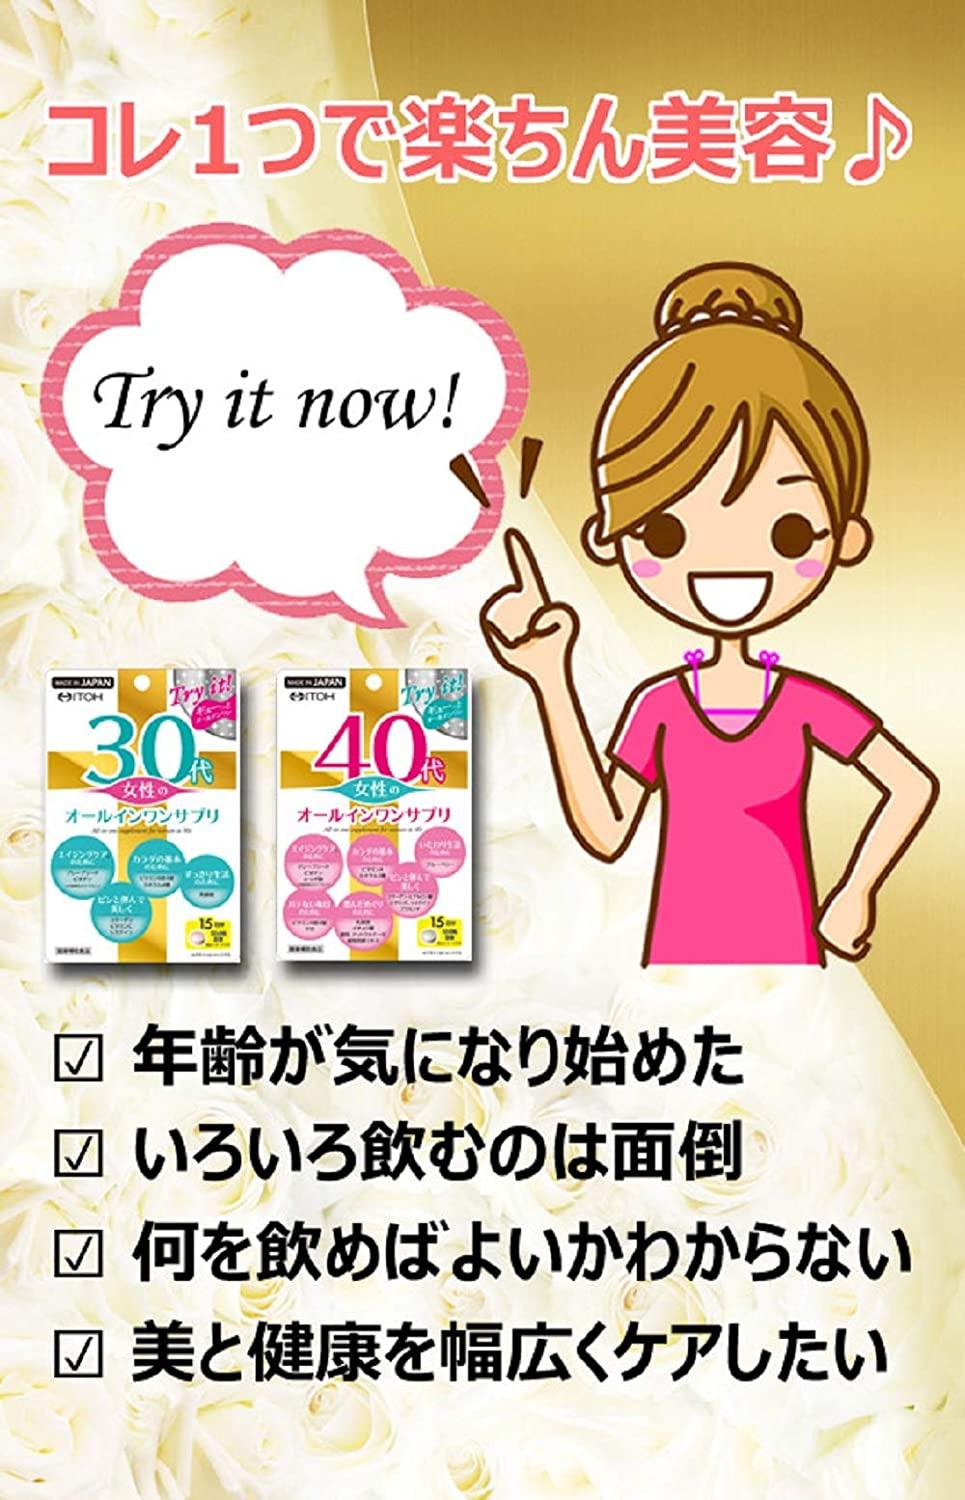 viên bổ sung dưỡng chất cho nữ giới ITOH